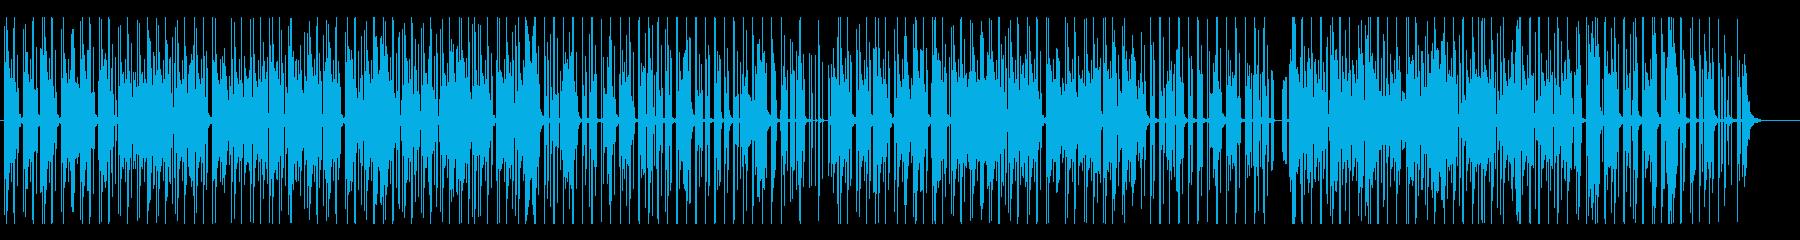 独創的なテクノ風ビート曲の再生済みの波形